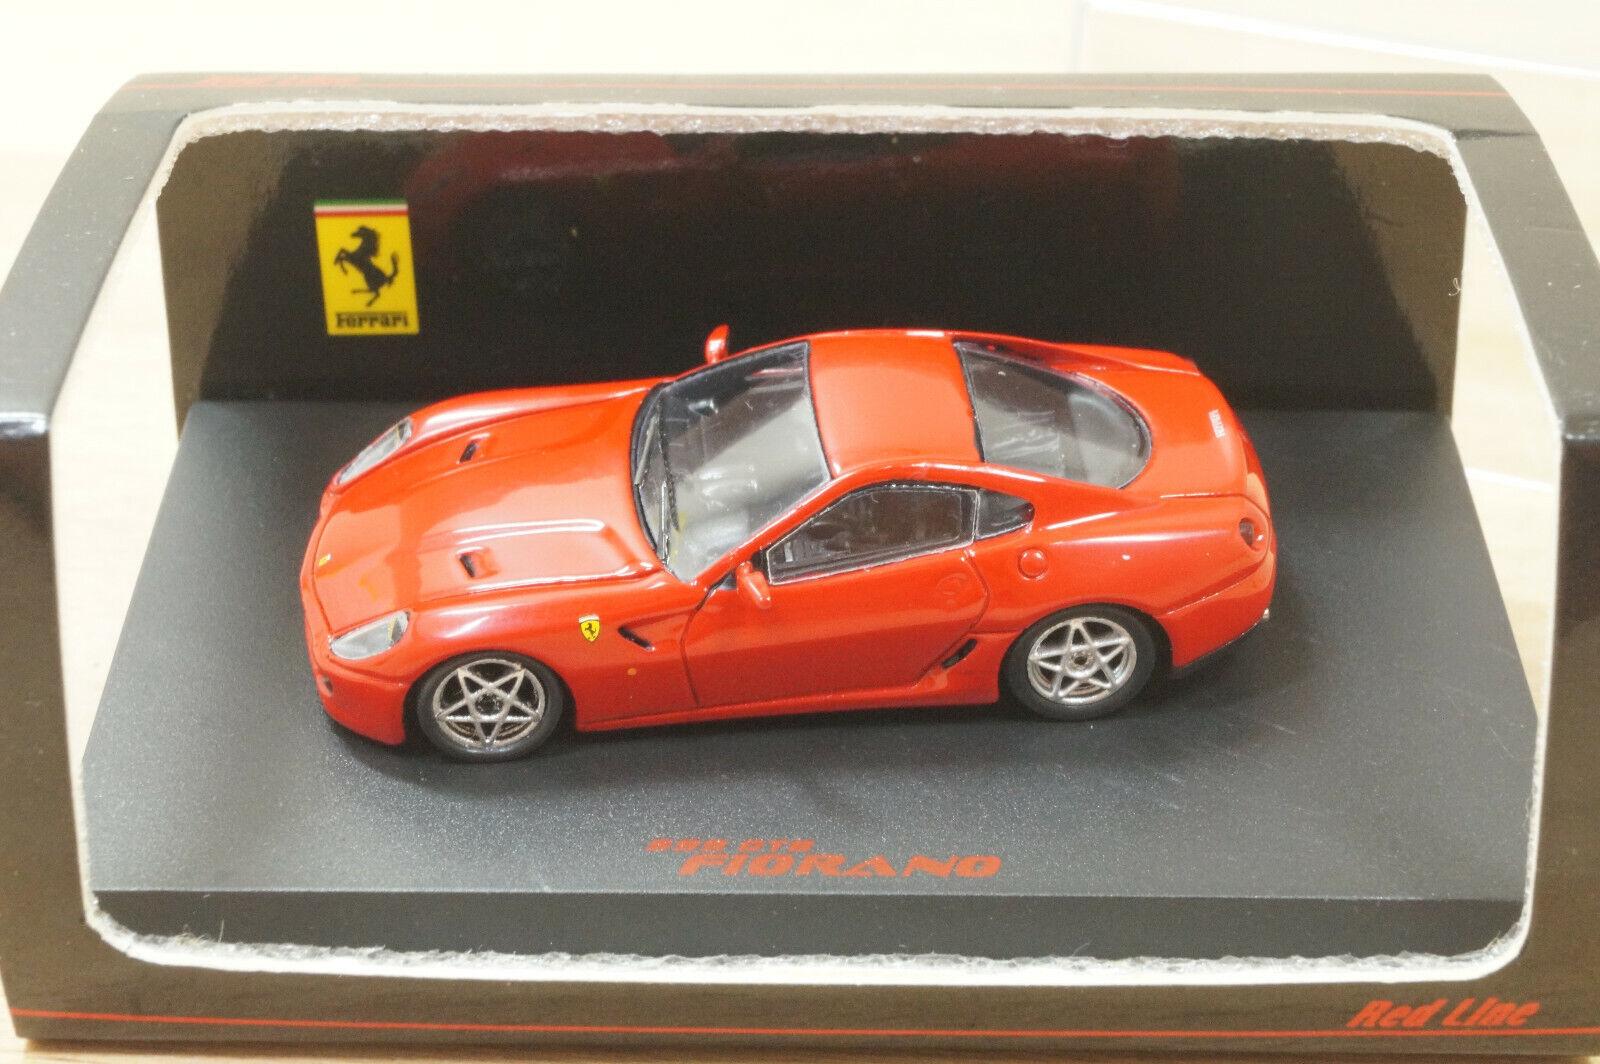 Red LINE 87rl019 FERRARI 599 GTB Fiorano in Rosso da 2008 NUOVI IN SCATOLA ORIGINALE RARO